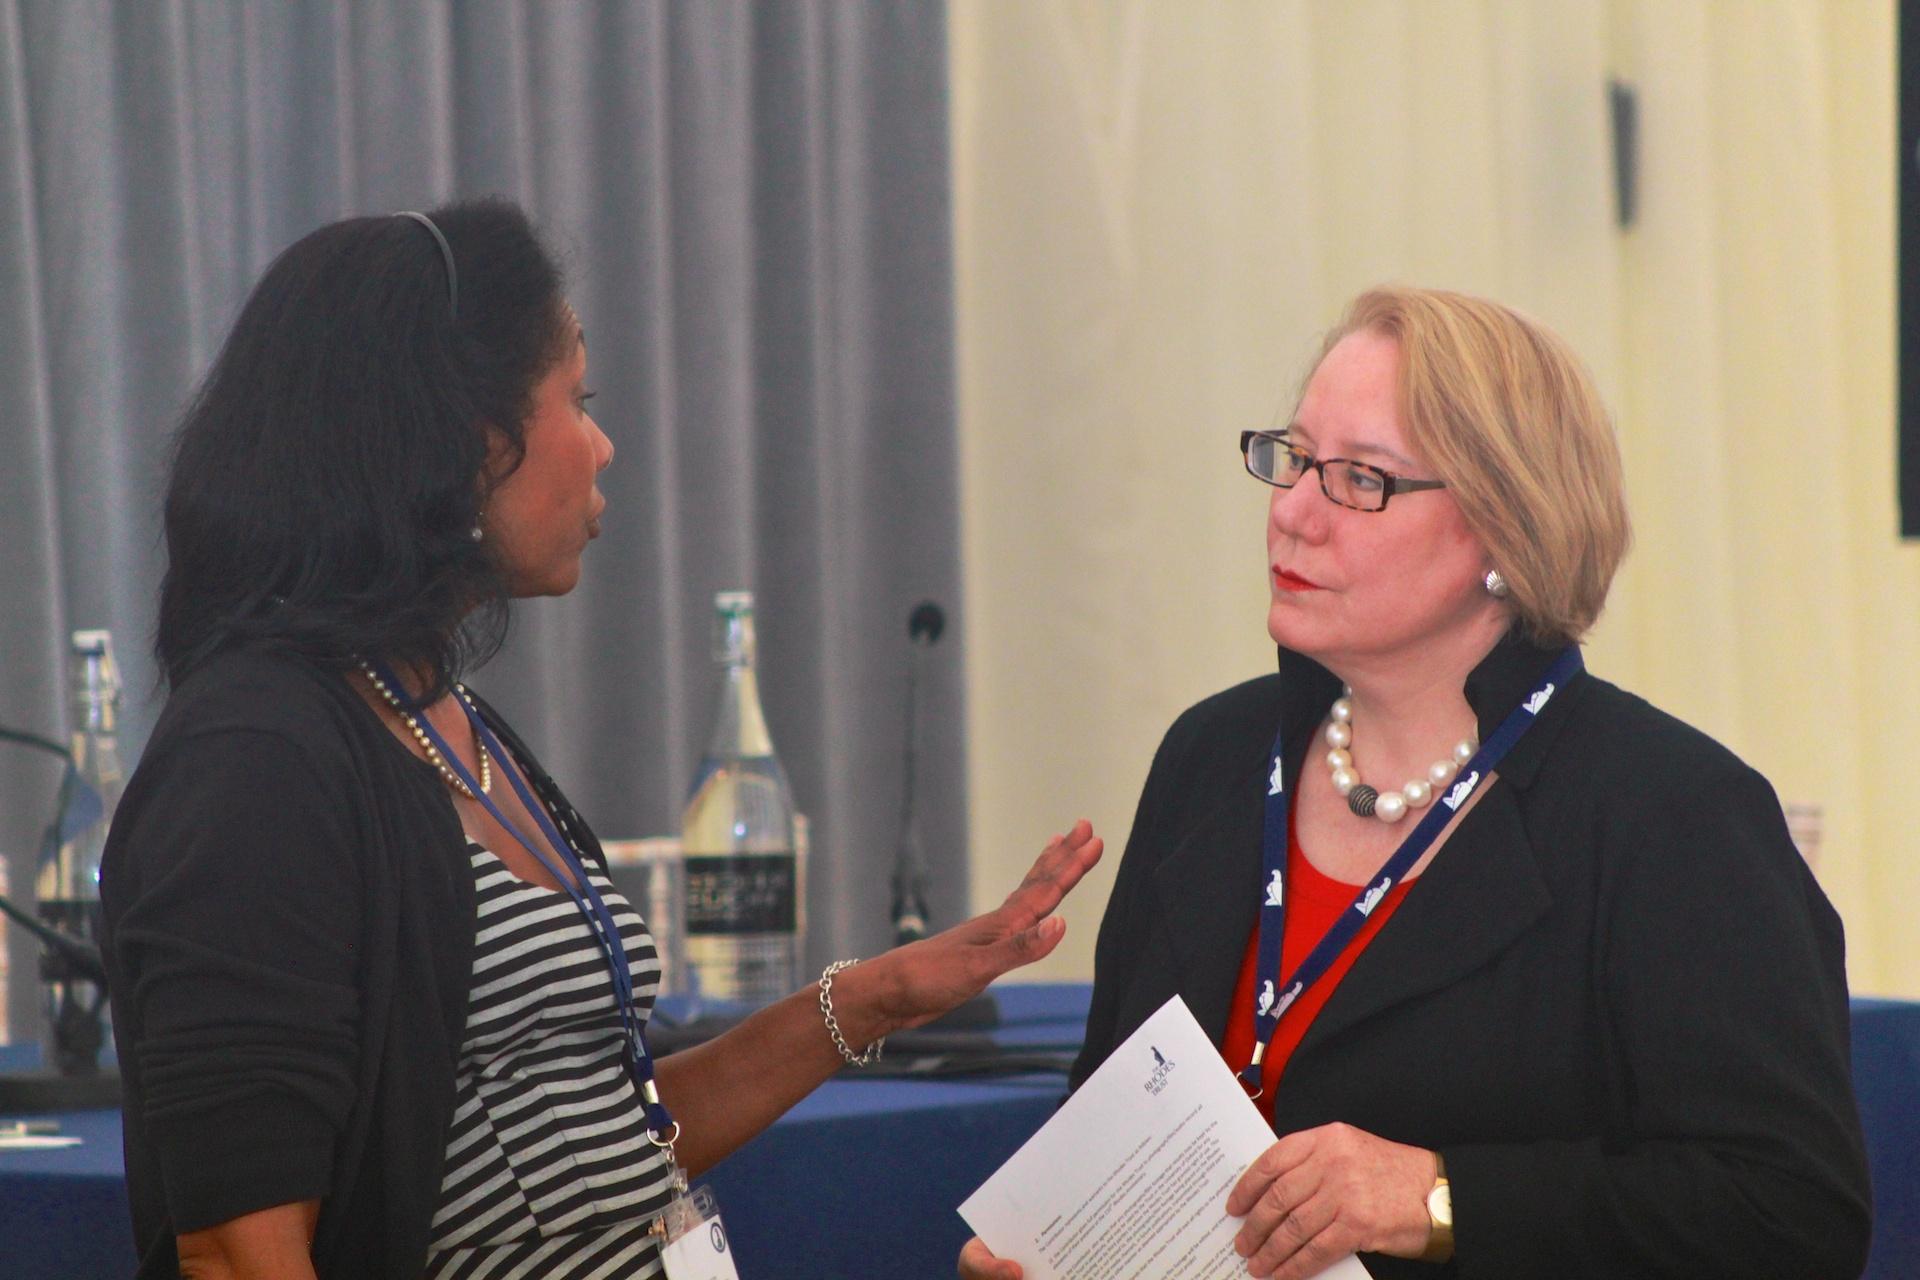 Karen Stevenson and Ann Olivarius. Photographed by Honza Cervenka.